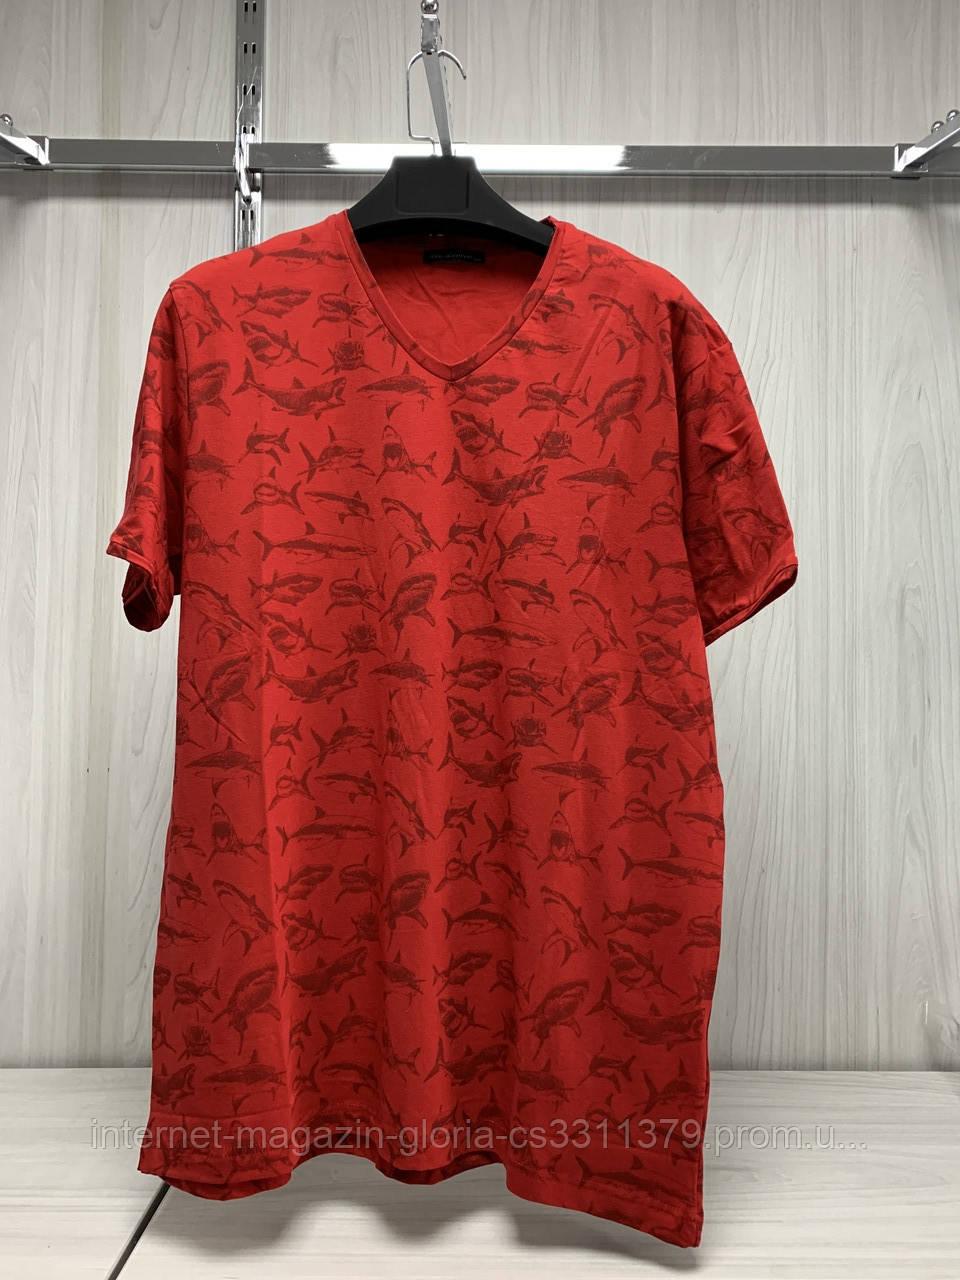 Мужская футболка Tony Montana. MSL-2072(kirmizi). Размеры: M,L,XL,XXL.